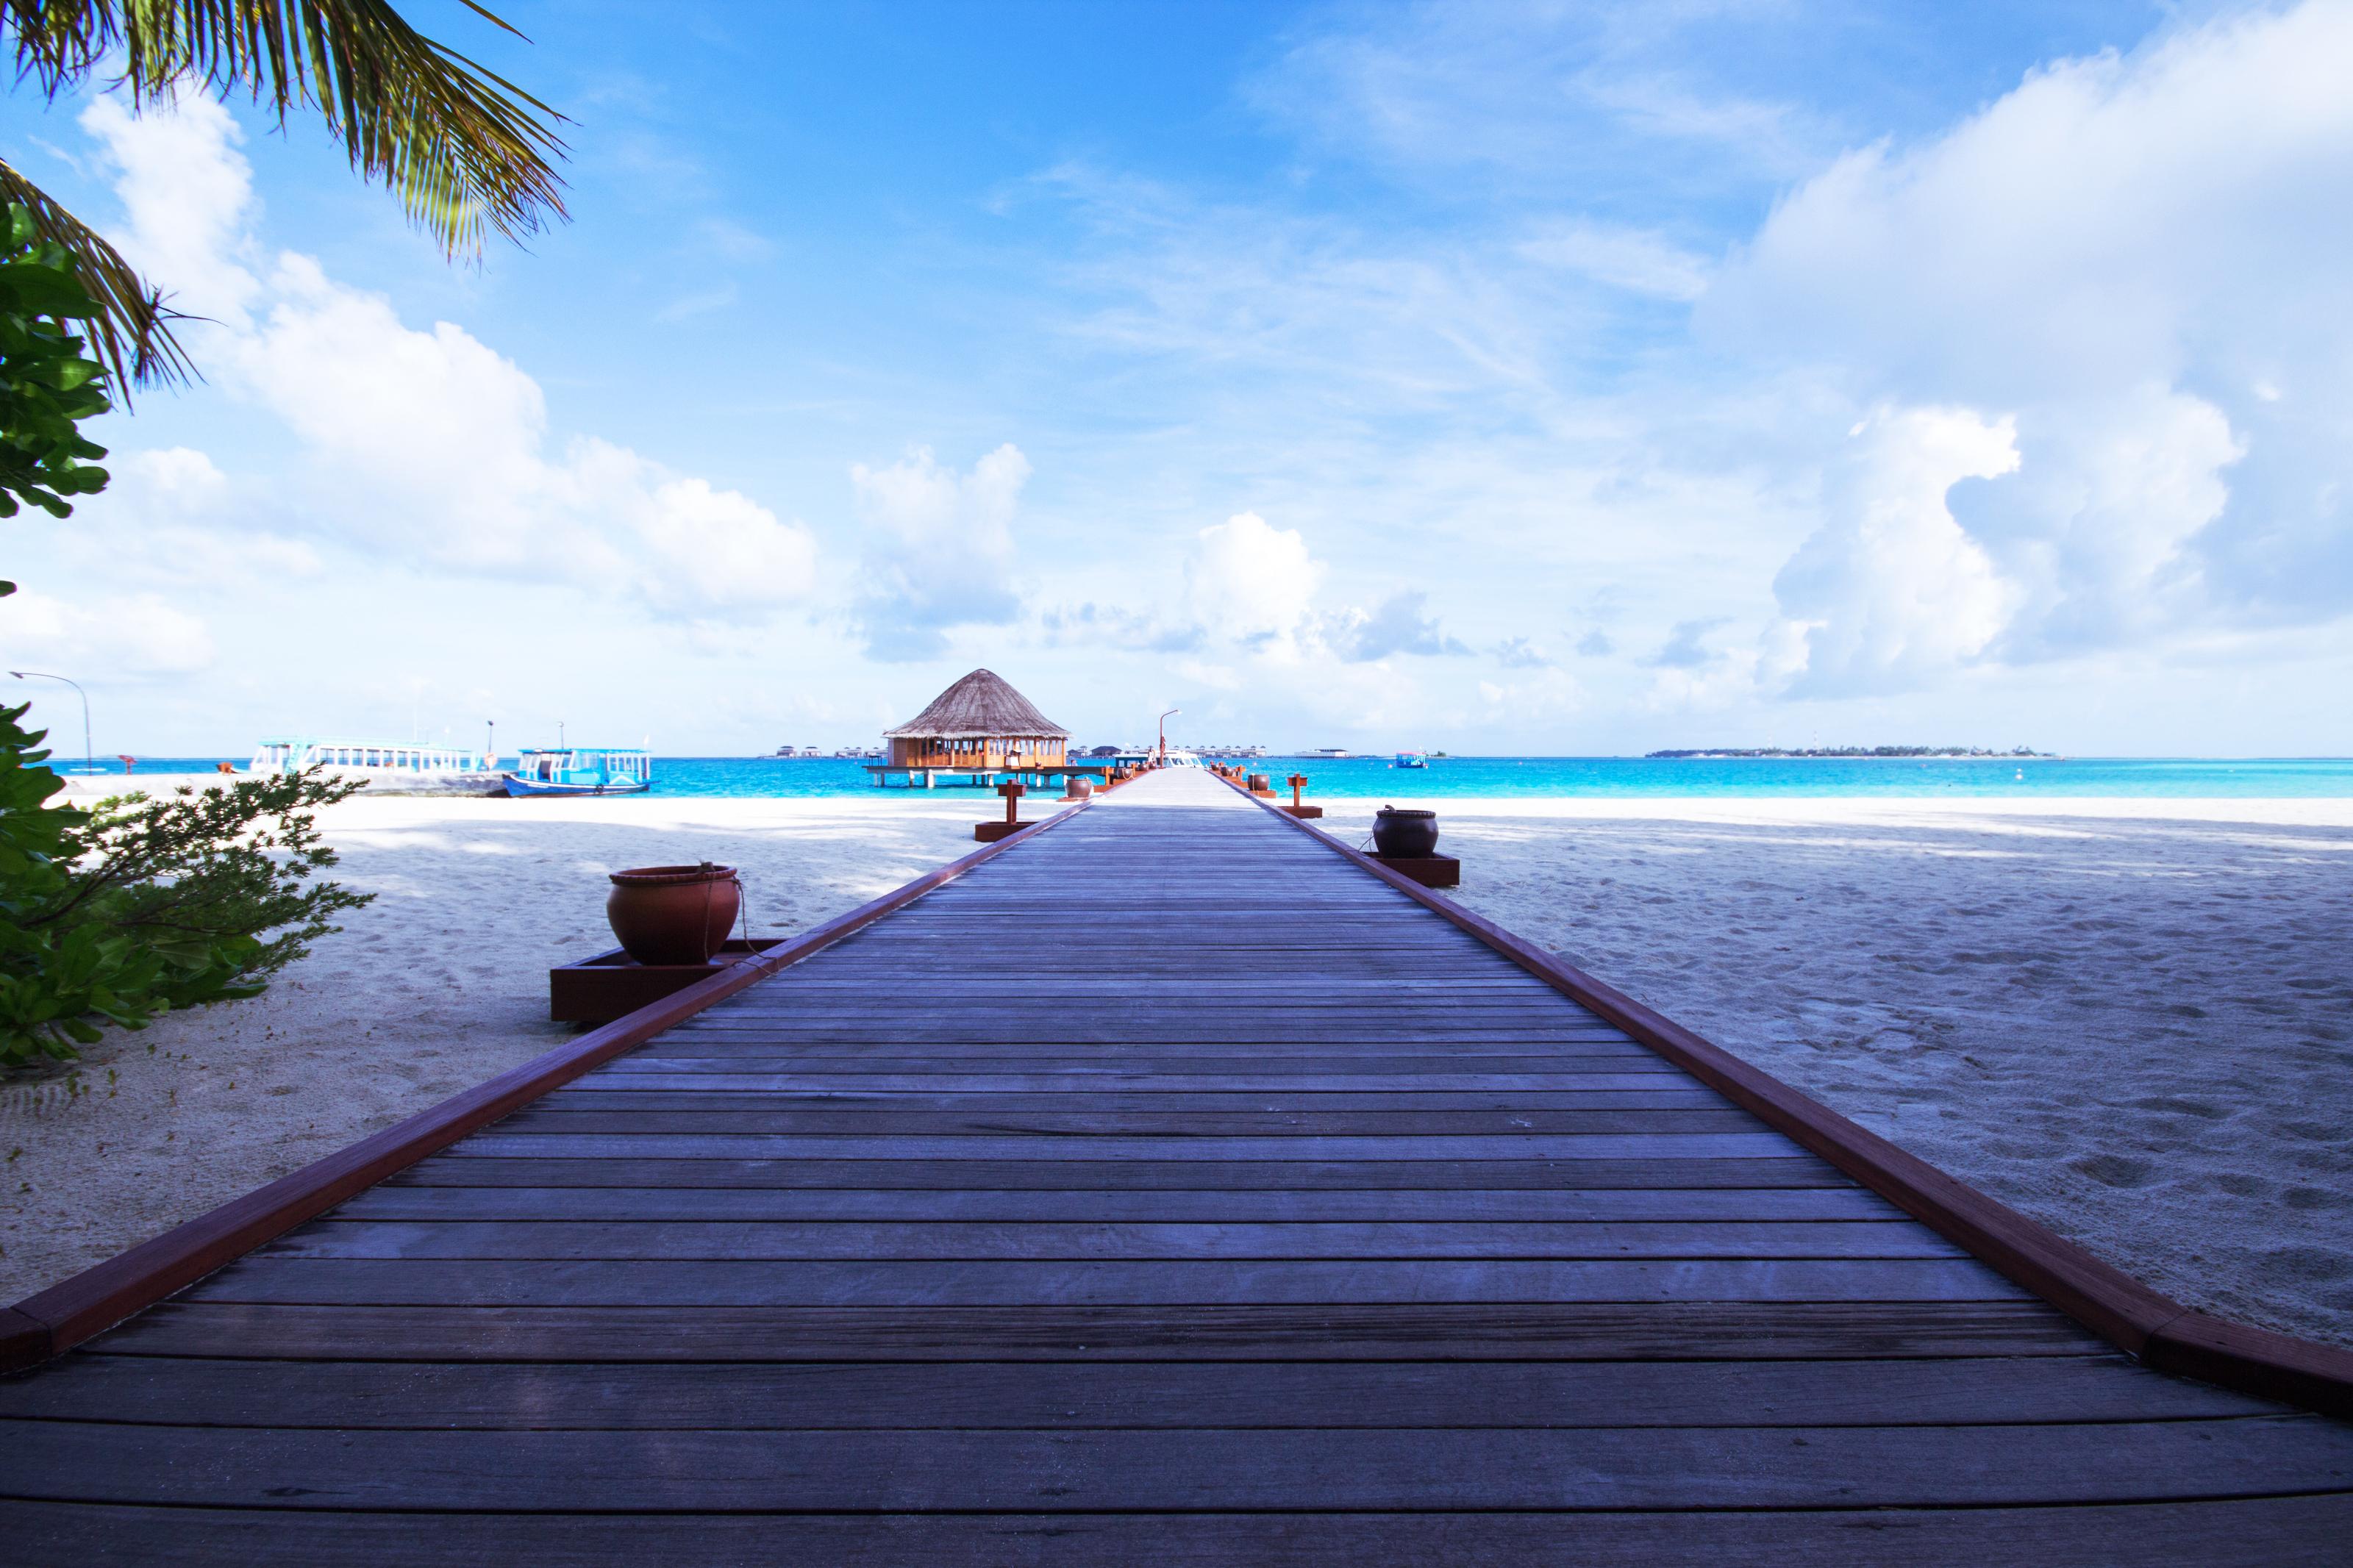 пирс море небо курорт  № 1238014 бесплатно